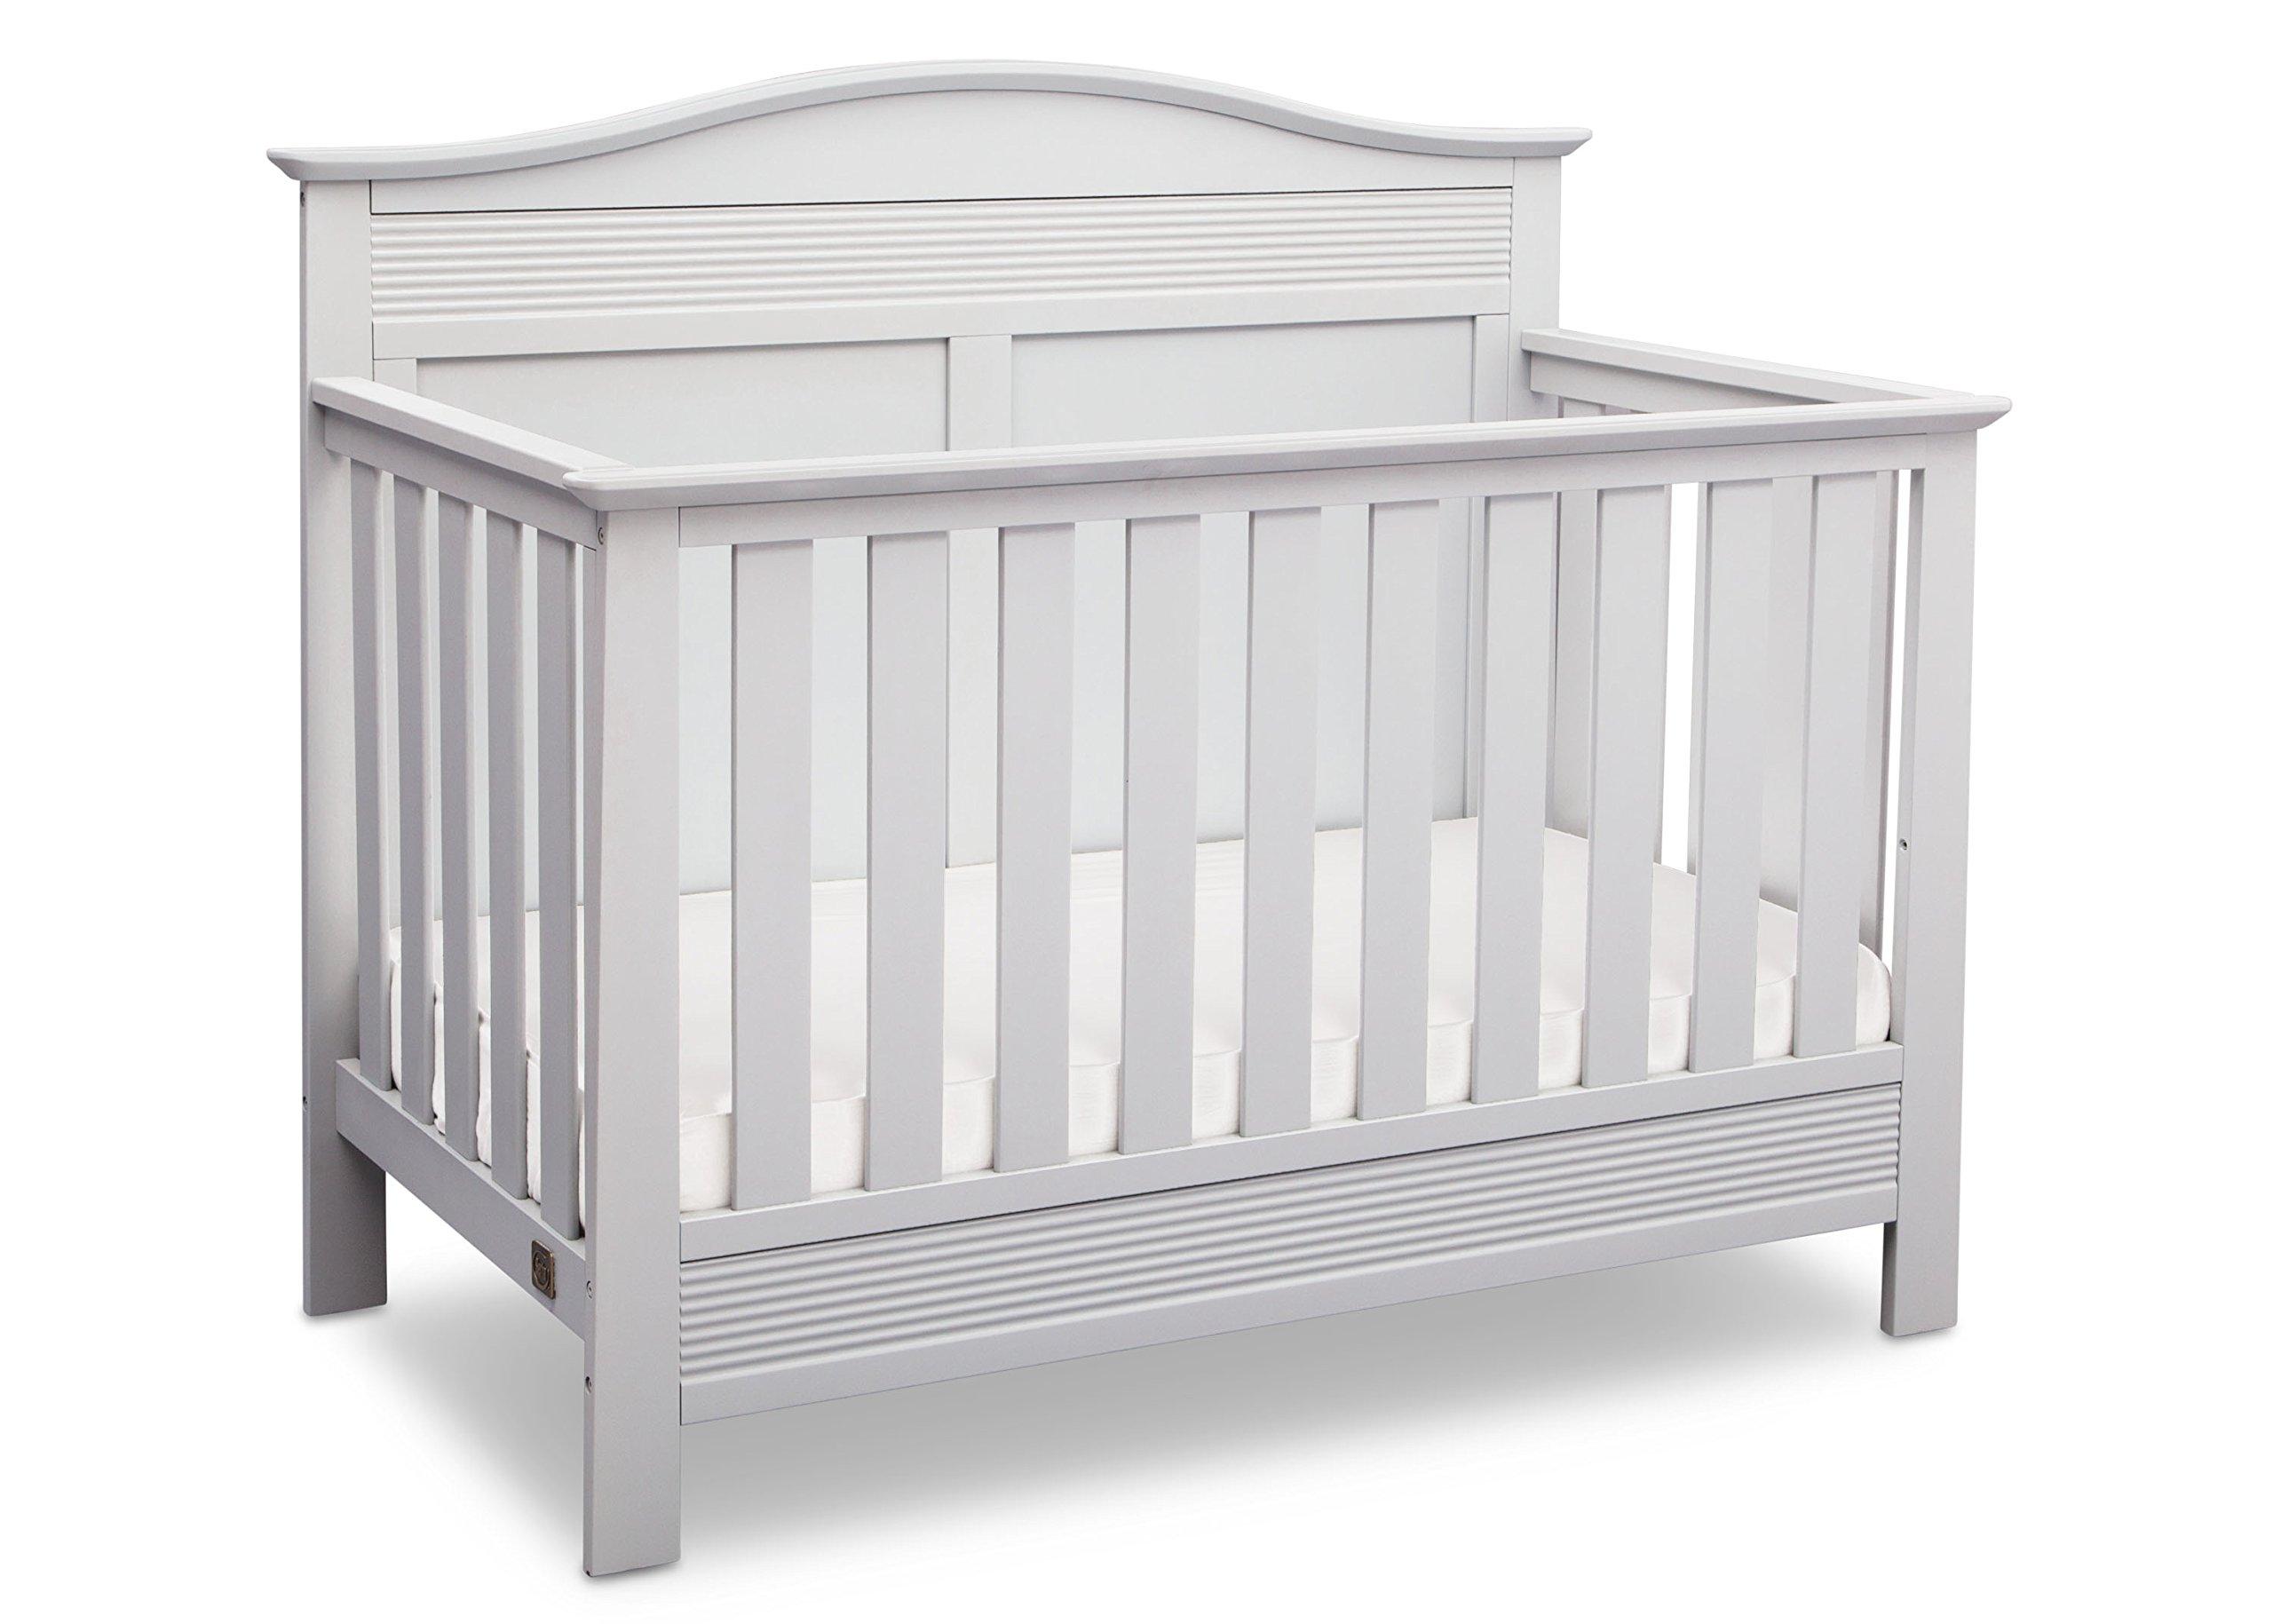 Serta Barrett 4-in-1 Convertible Baby Crib, Bianca White by Serta